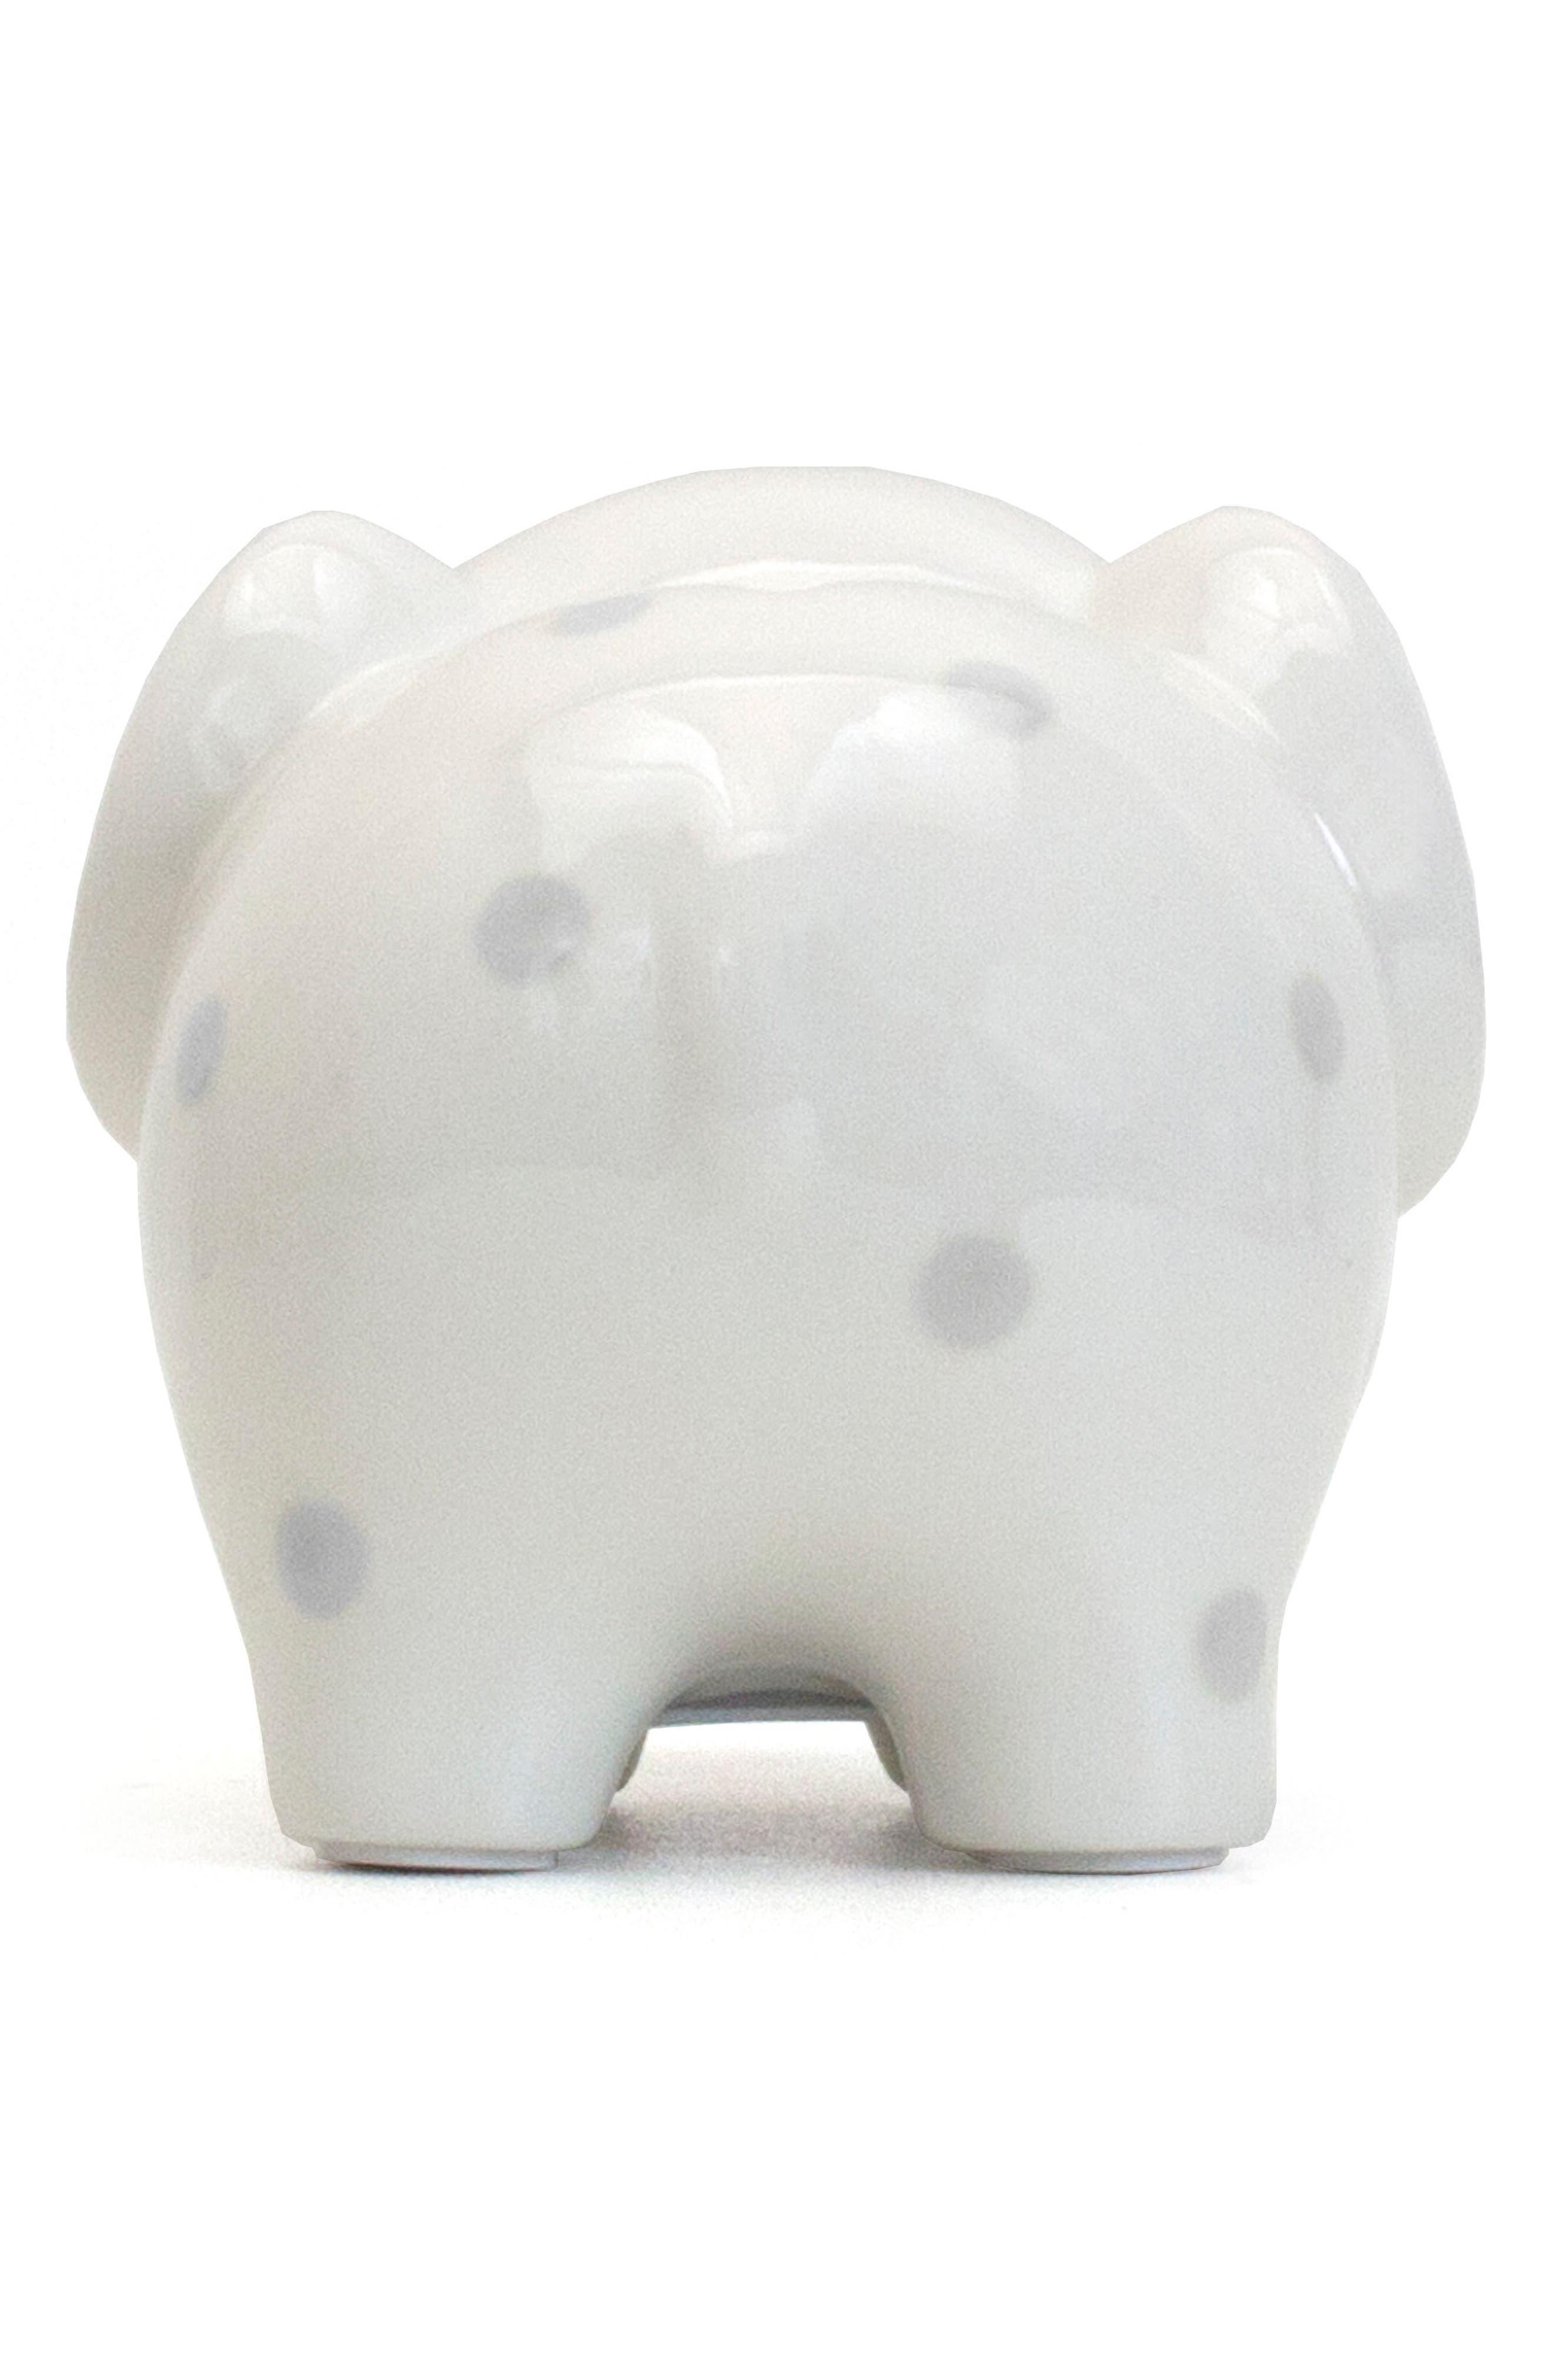 Polka Dot Elephant Bank,                             Alternate thumbnail 3, color,                             020